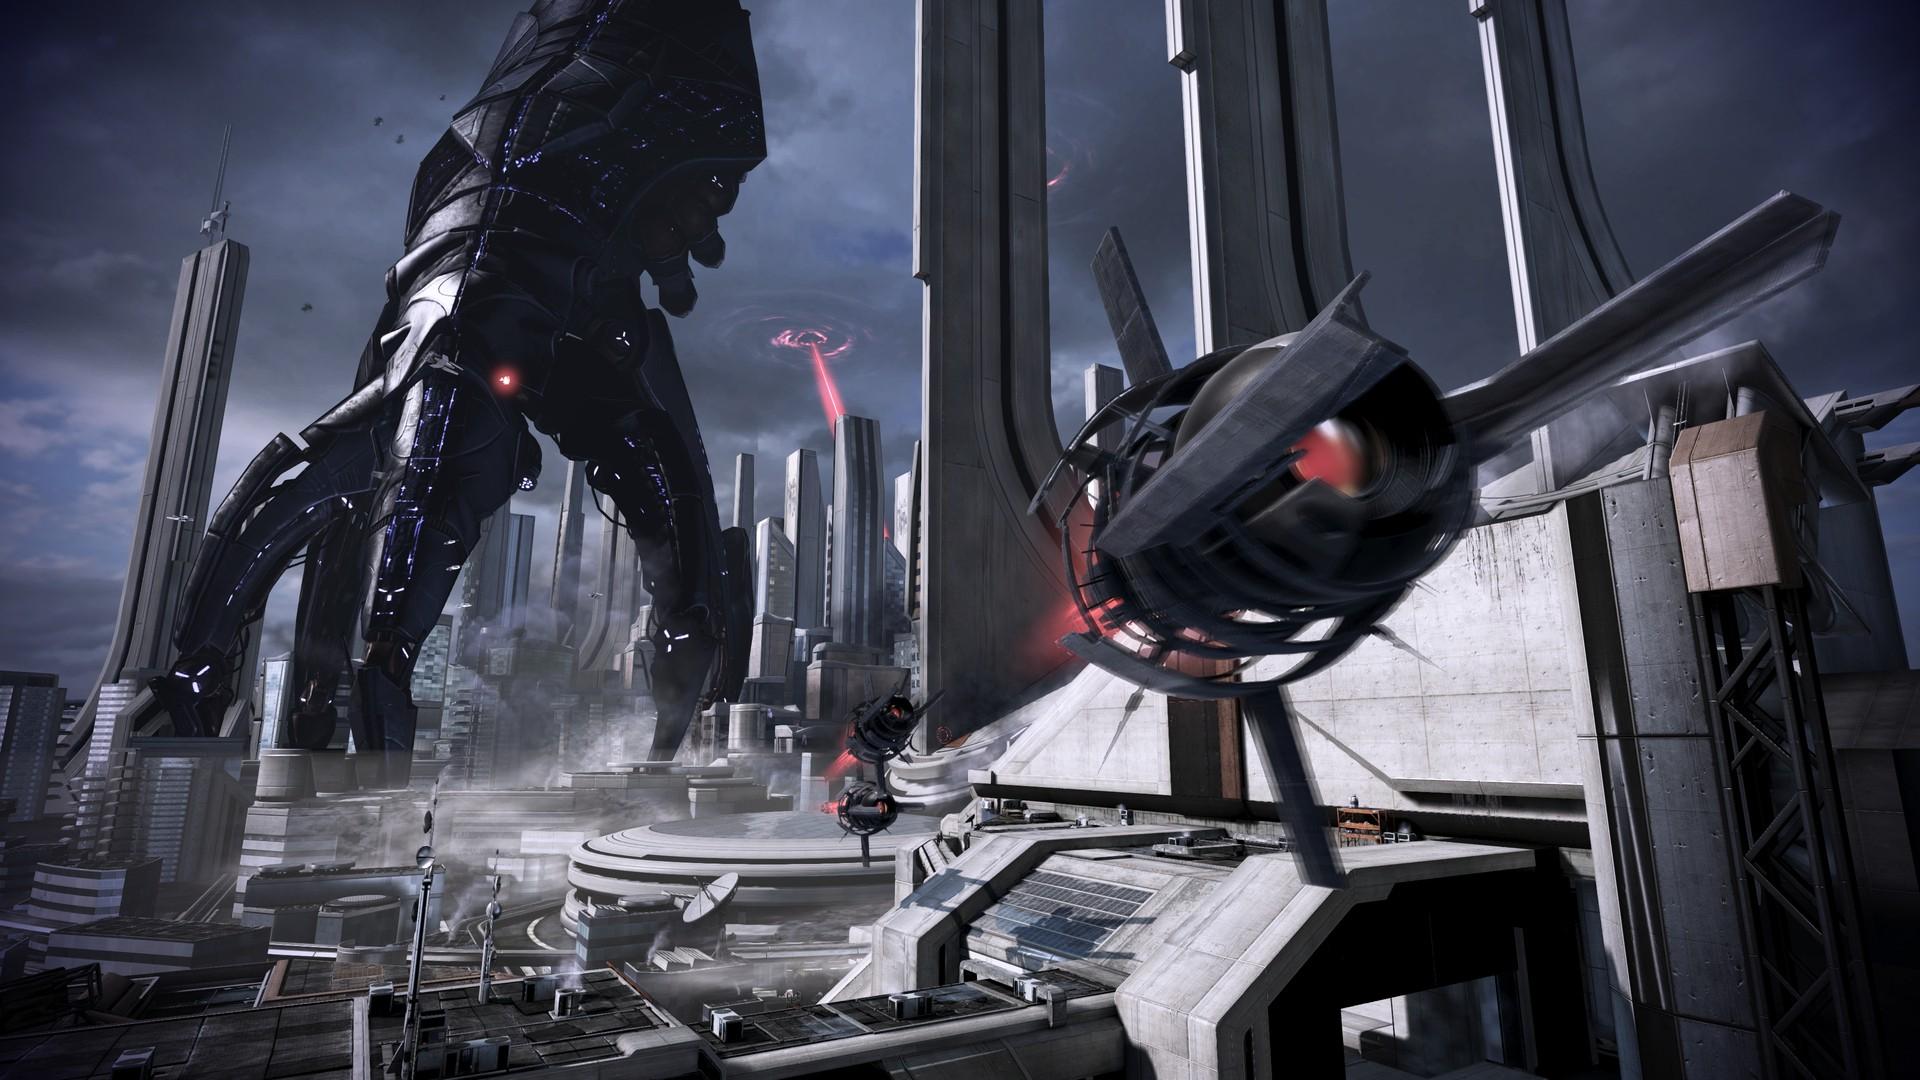 Mass Effect 3 Computer Wallpapers, Desktop Backgrounds | 1920x1080